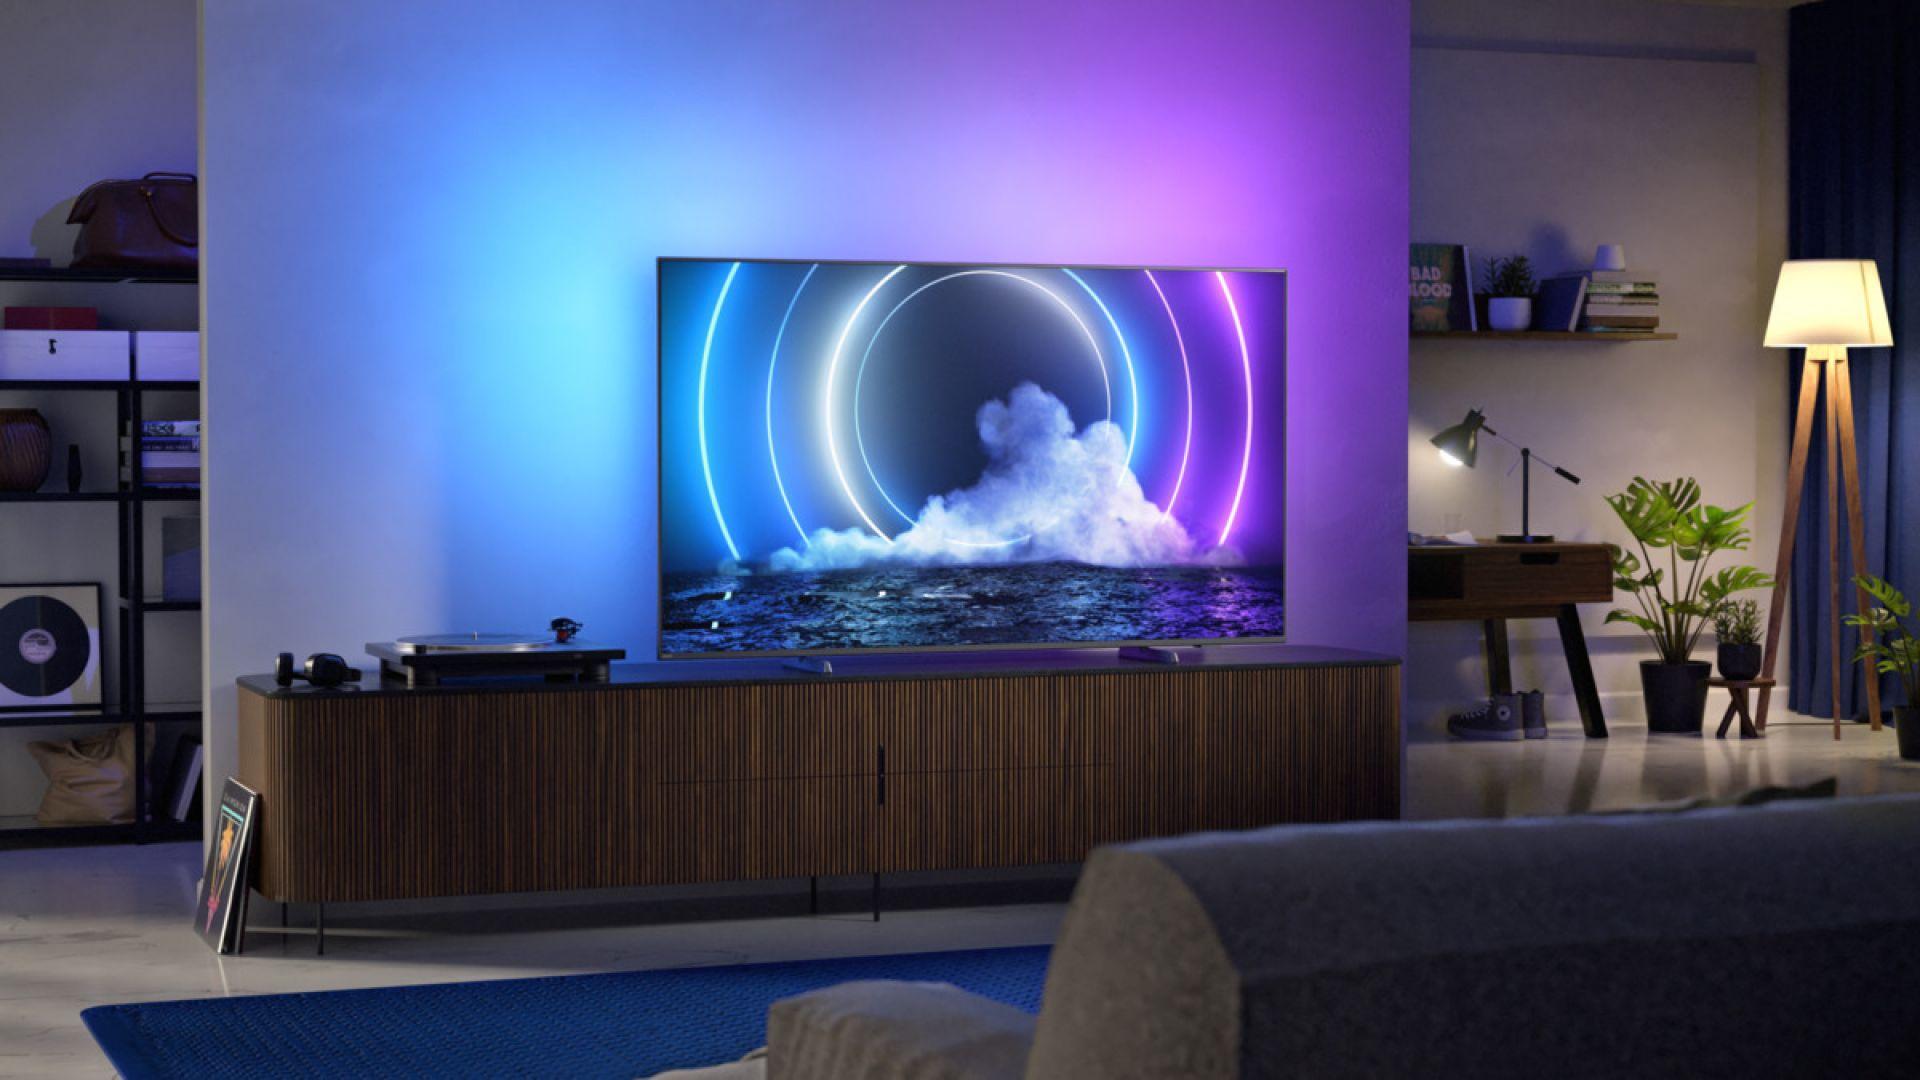 Cechą wspólną urządzeń jest doskonała jakość obrazu i dźwięku, europejskie wzornictwo charakteryzujące się minimalistycznymi i eleganckimi liniami, podświetlenie Ambilight oraz najnowszy system operacyjny Android TV 10 dla jeszcze lepszych wrażeń podczas seansów. Fot. Philips